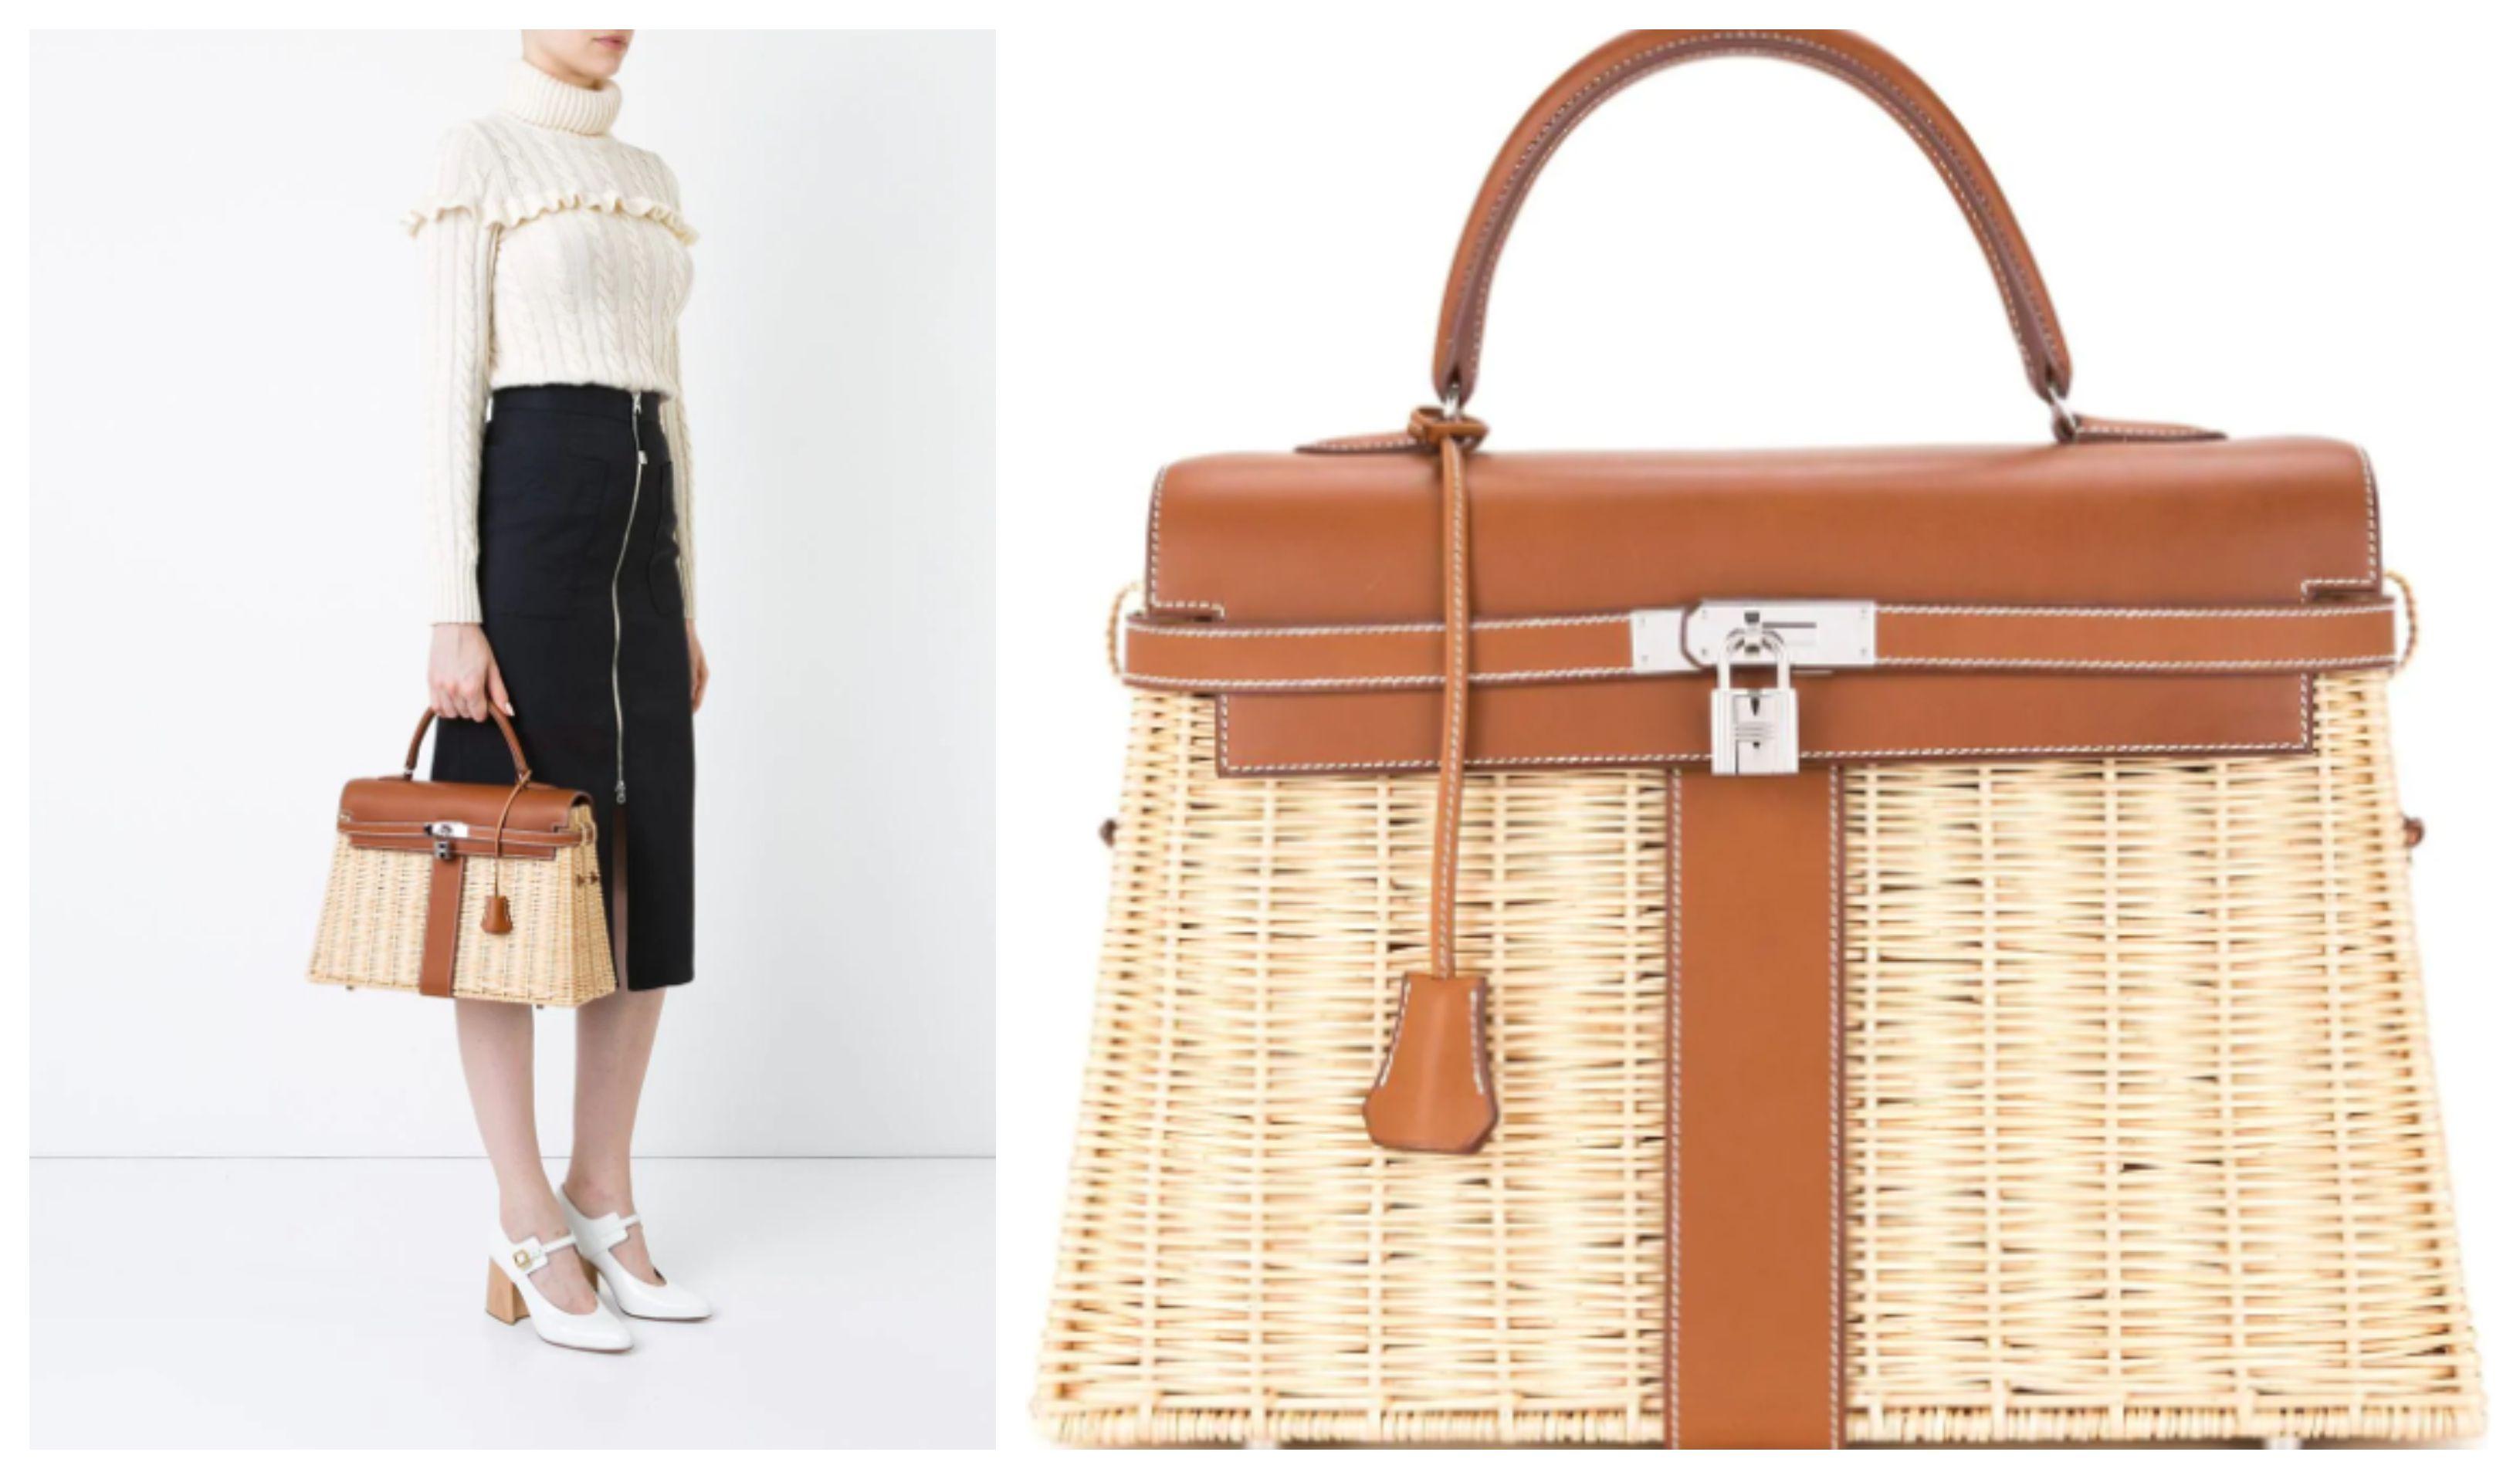 Zavrtjet će vam se u glavi od cijene ove torbice! Za toliku cifru možete kupiti - STAN!